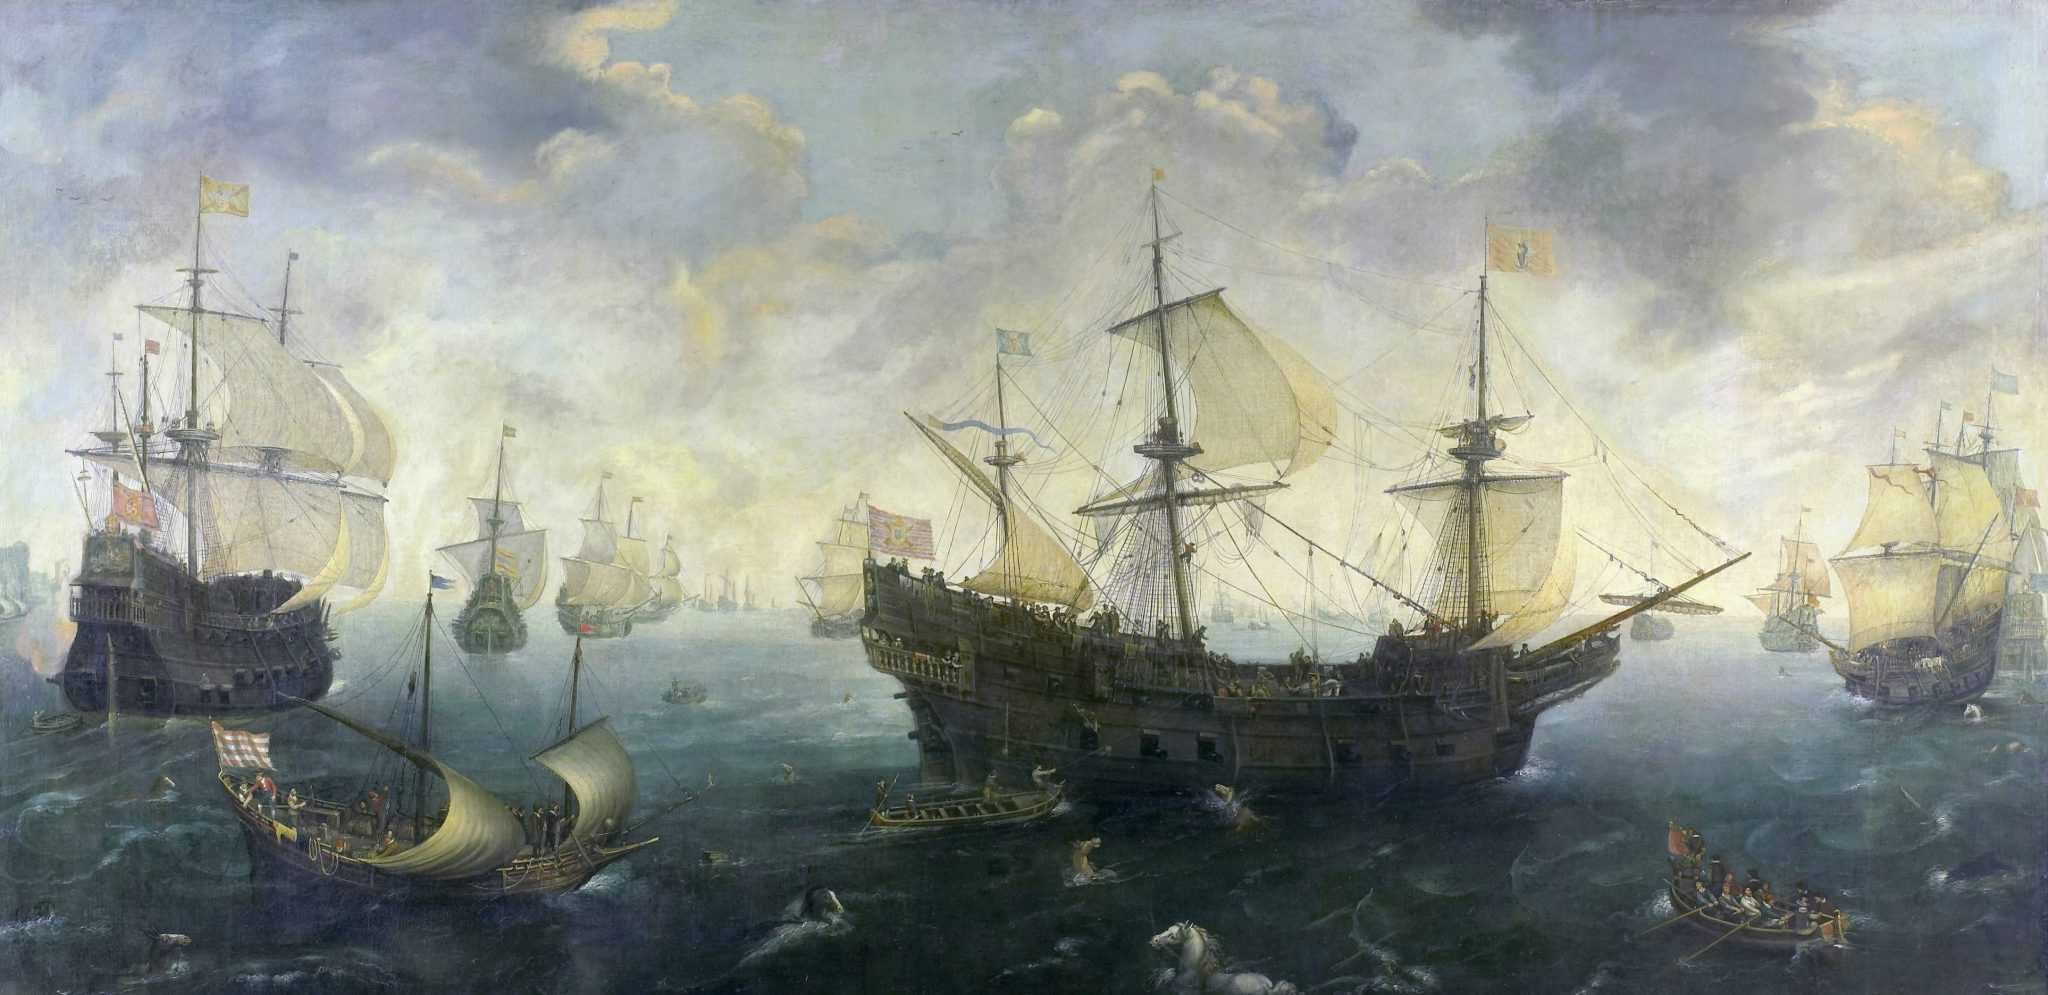 La Armada Invencible en las costas inglesas.